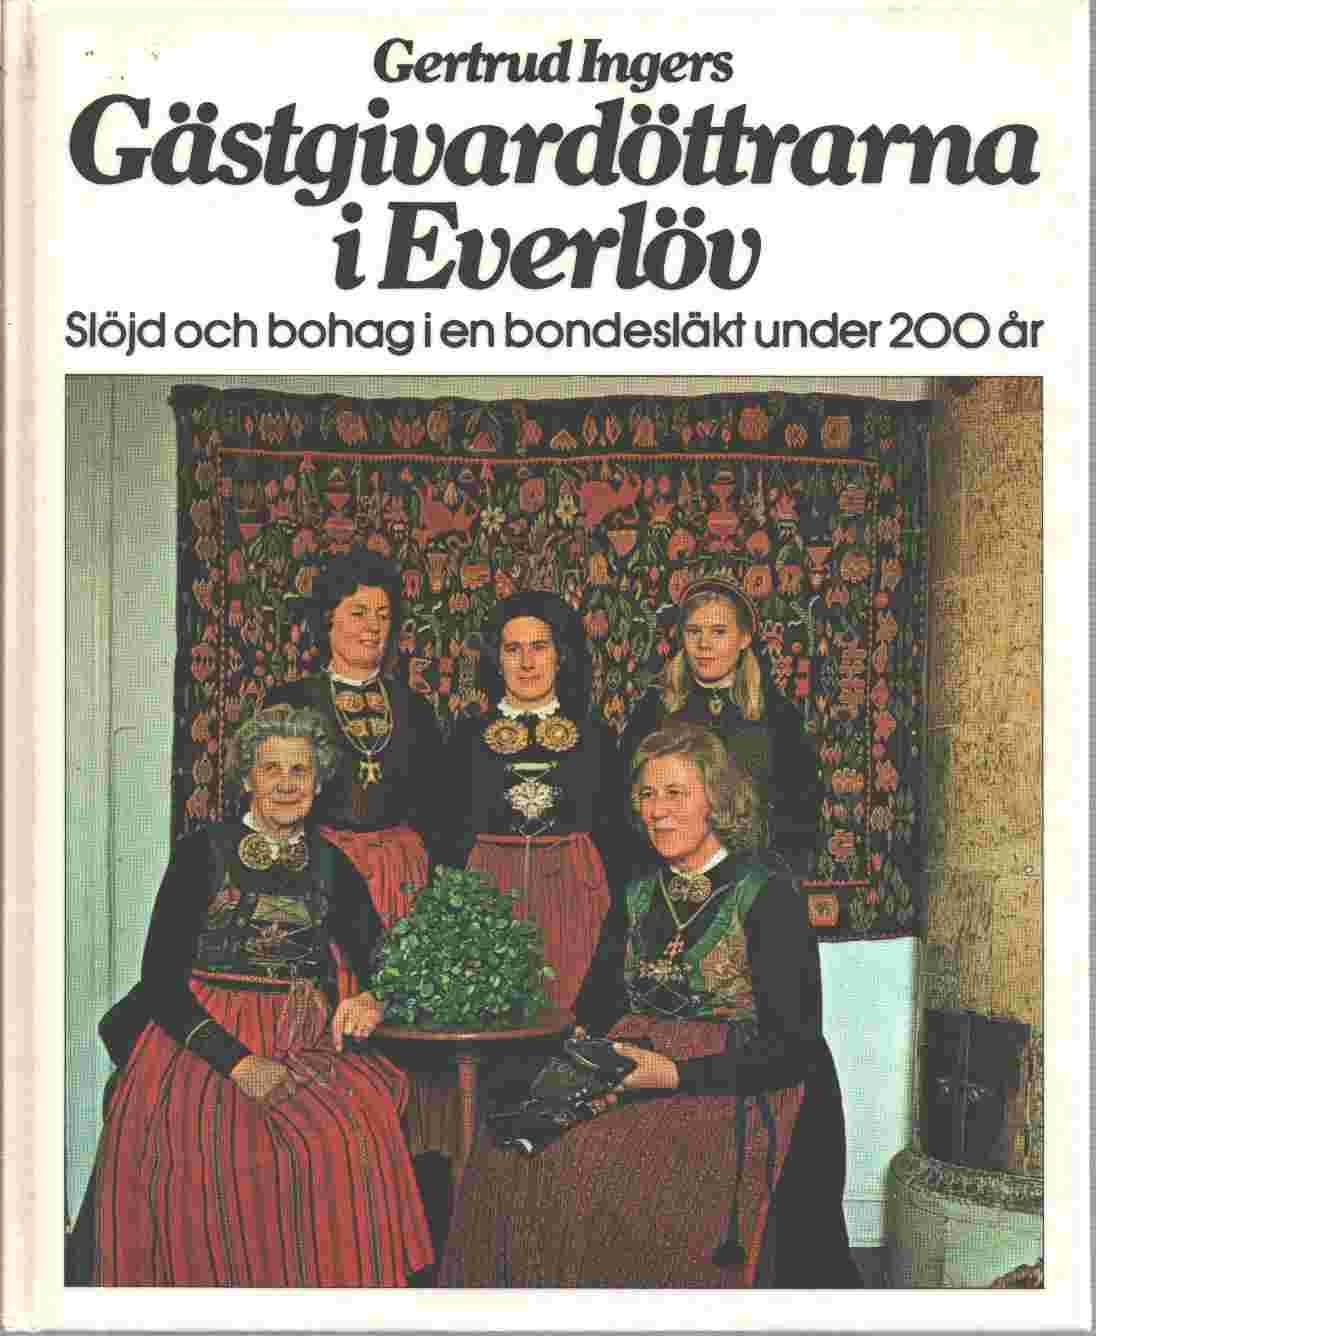 Gästgivardöttrarna i Everlöv - Ingers, Gertrud